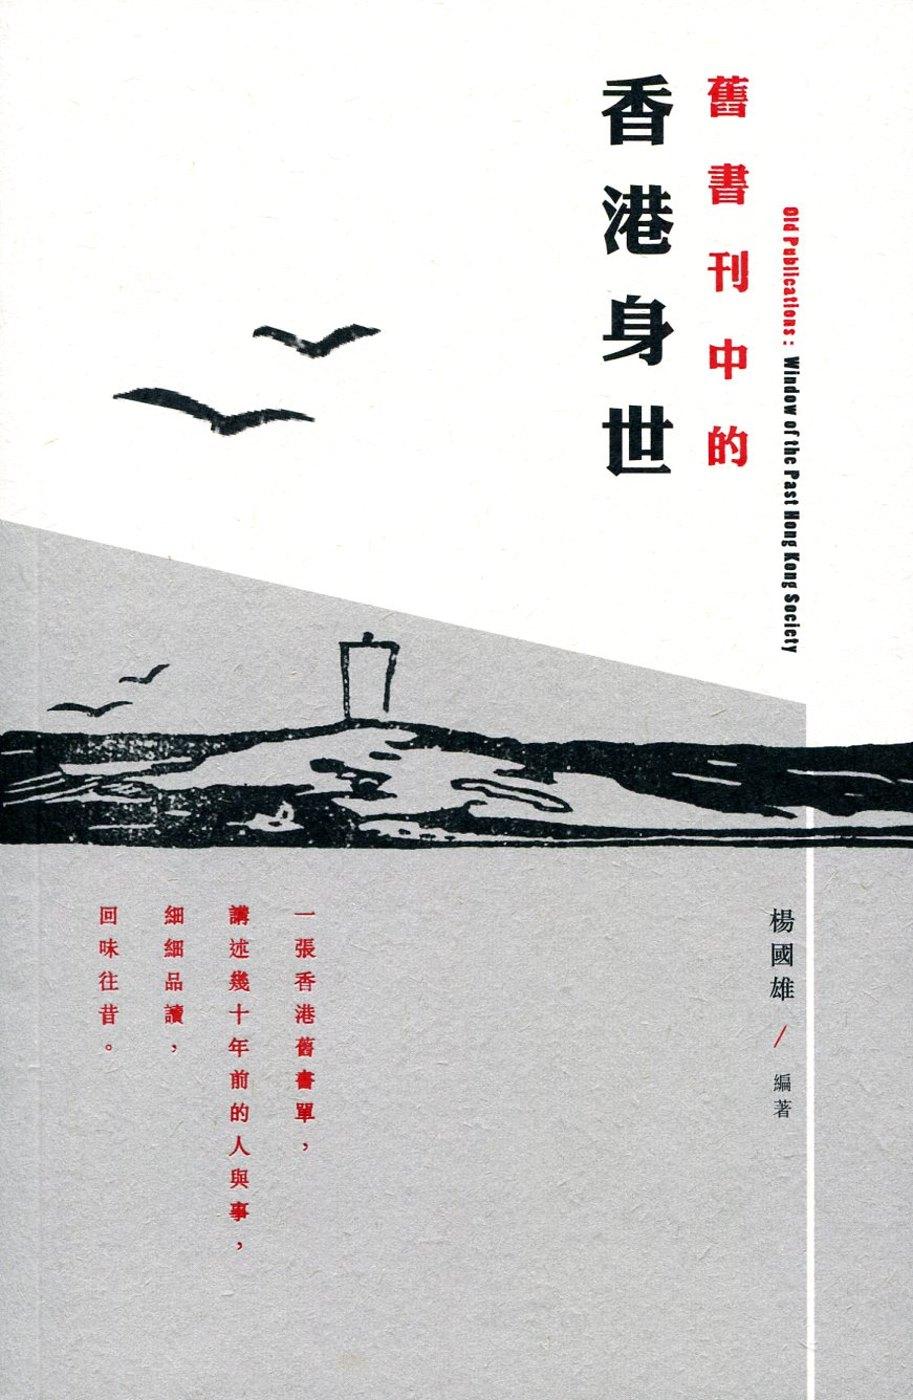 舊書刊中的香港身世